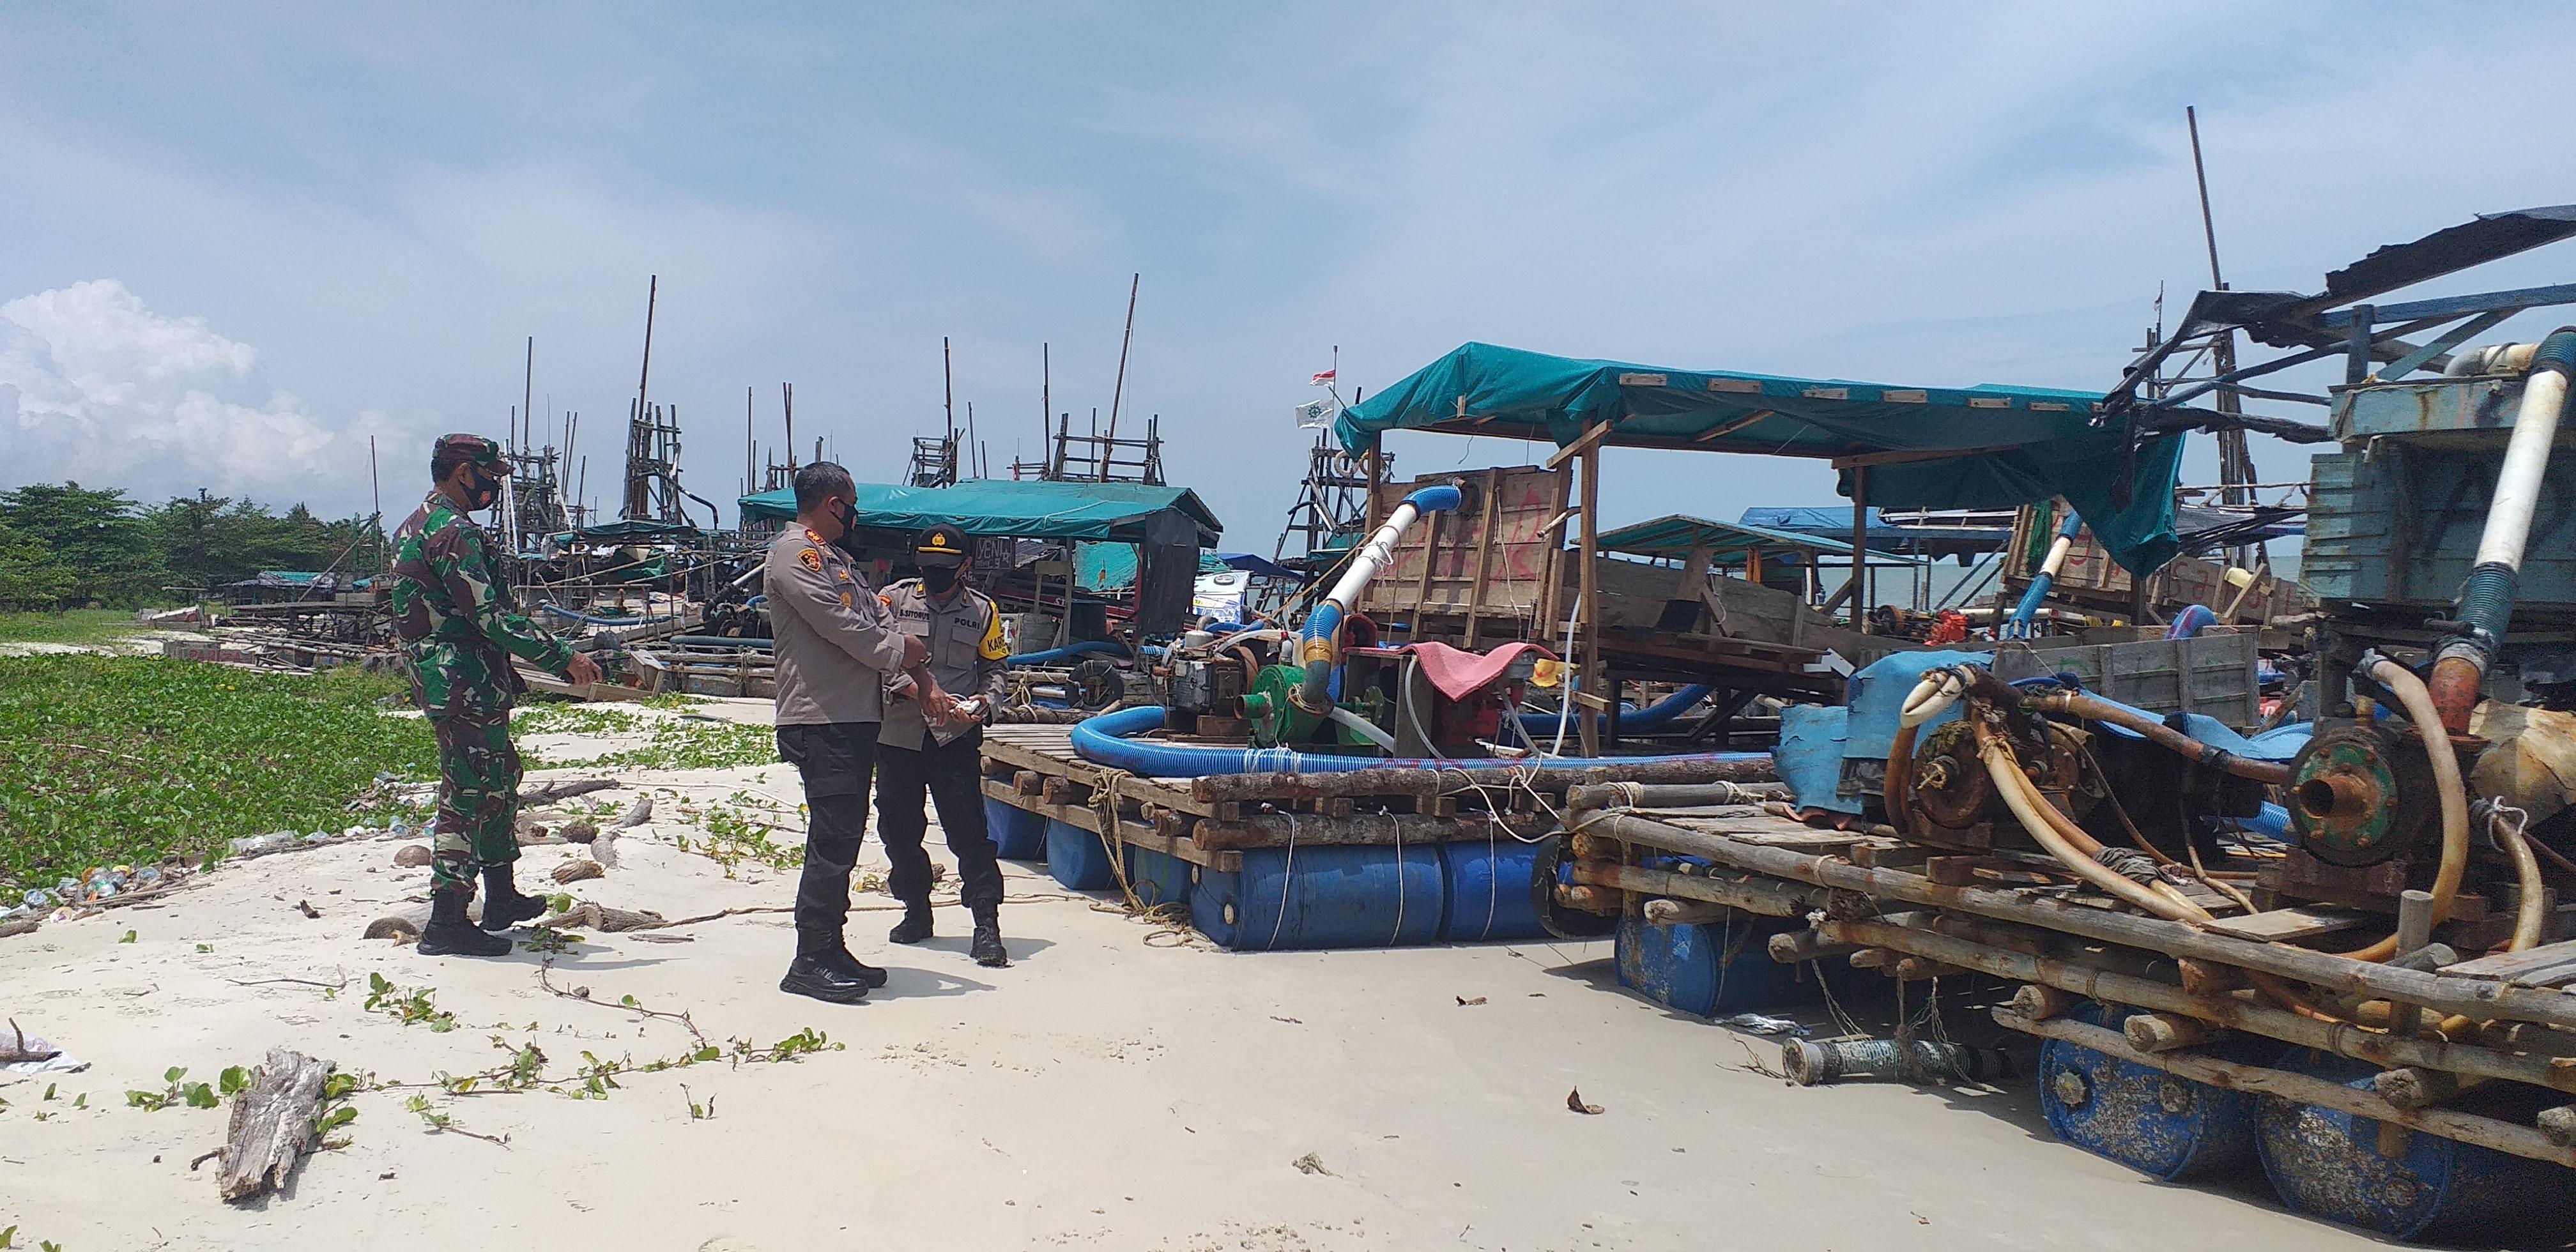 Kapolres bersama Danramil Toboali dan Kabag Ops mengecek puluhan TI yang diamankan di Laut Nek Aji Toboali